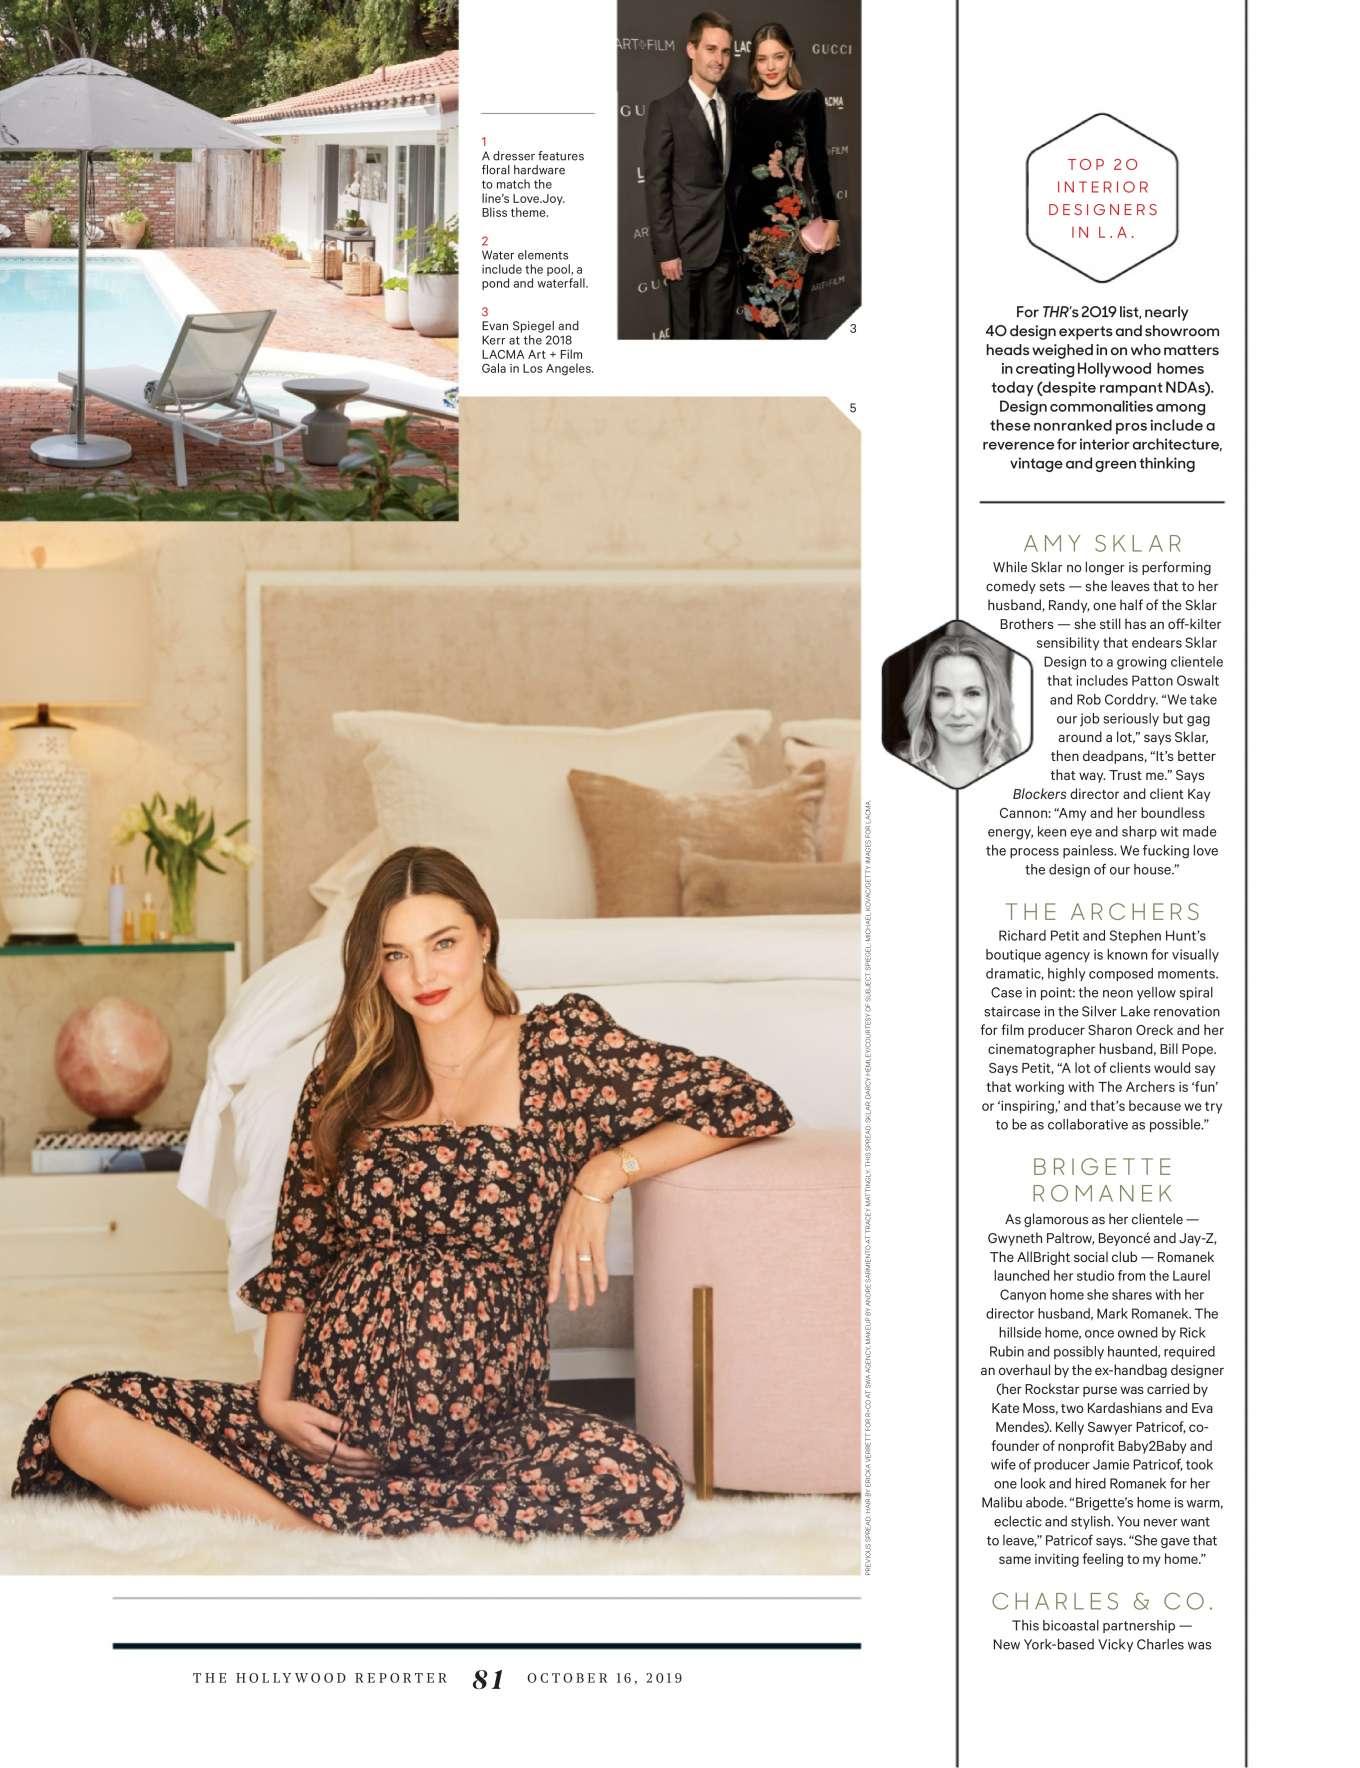 Miranda Kerr 2019 : Miranda Kerr – The Hollywood Reporter 2019-03